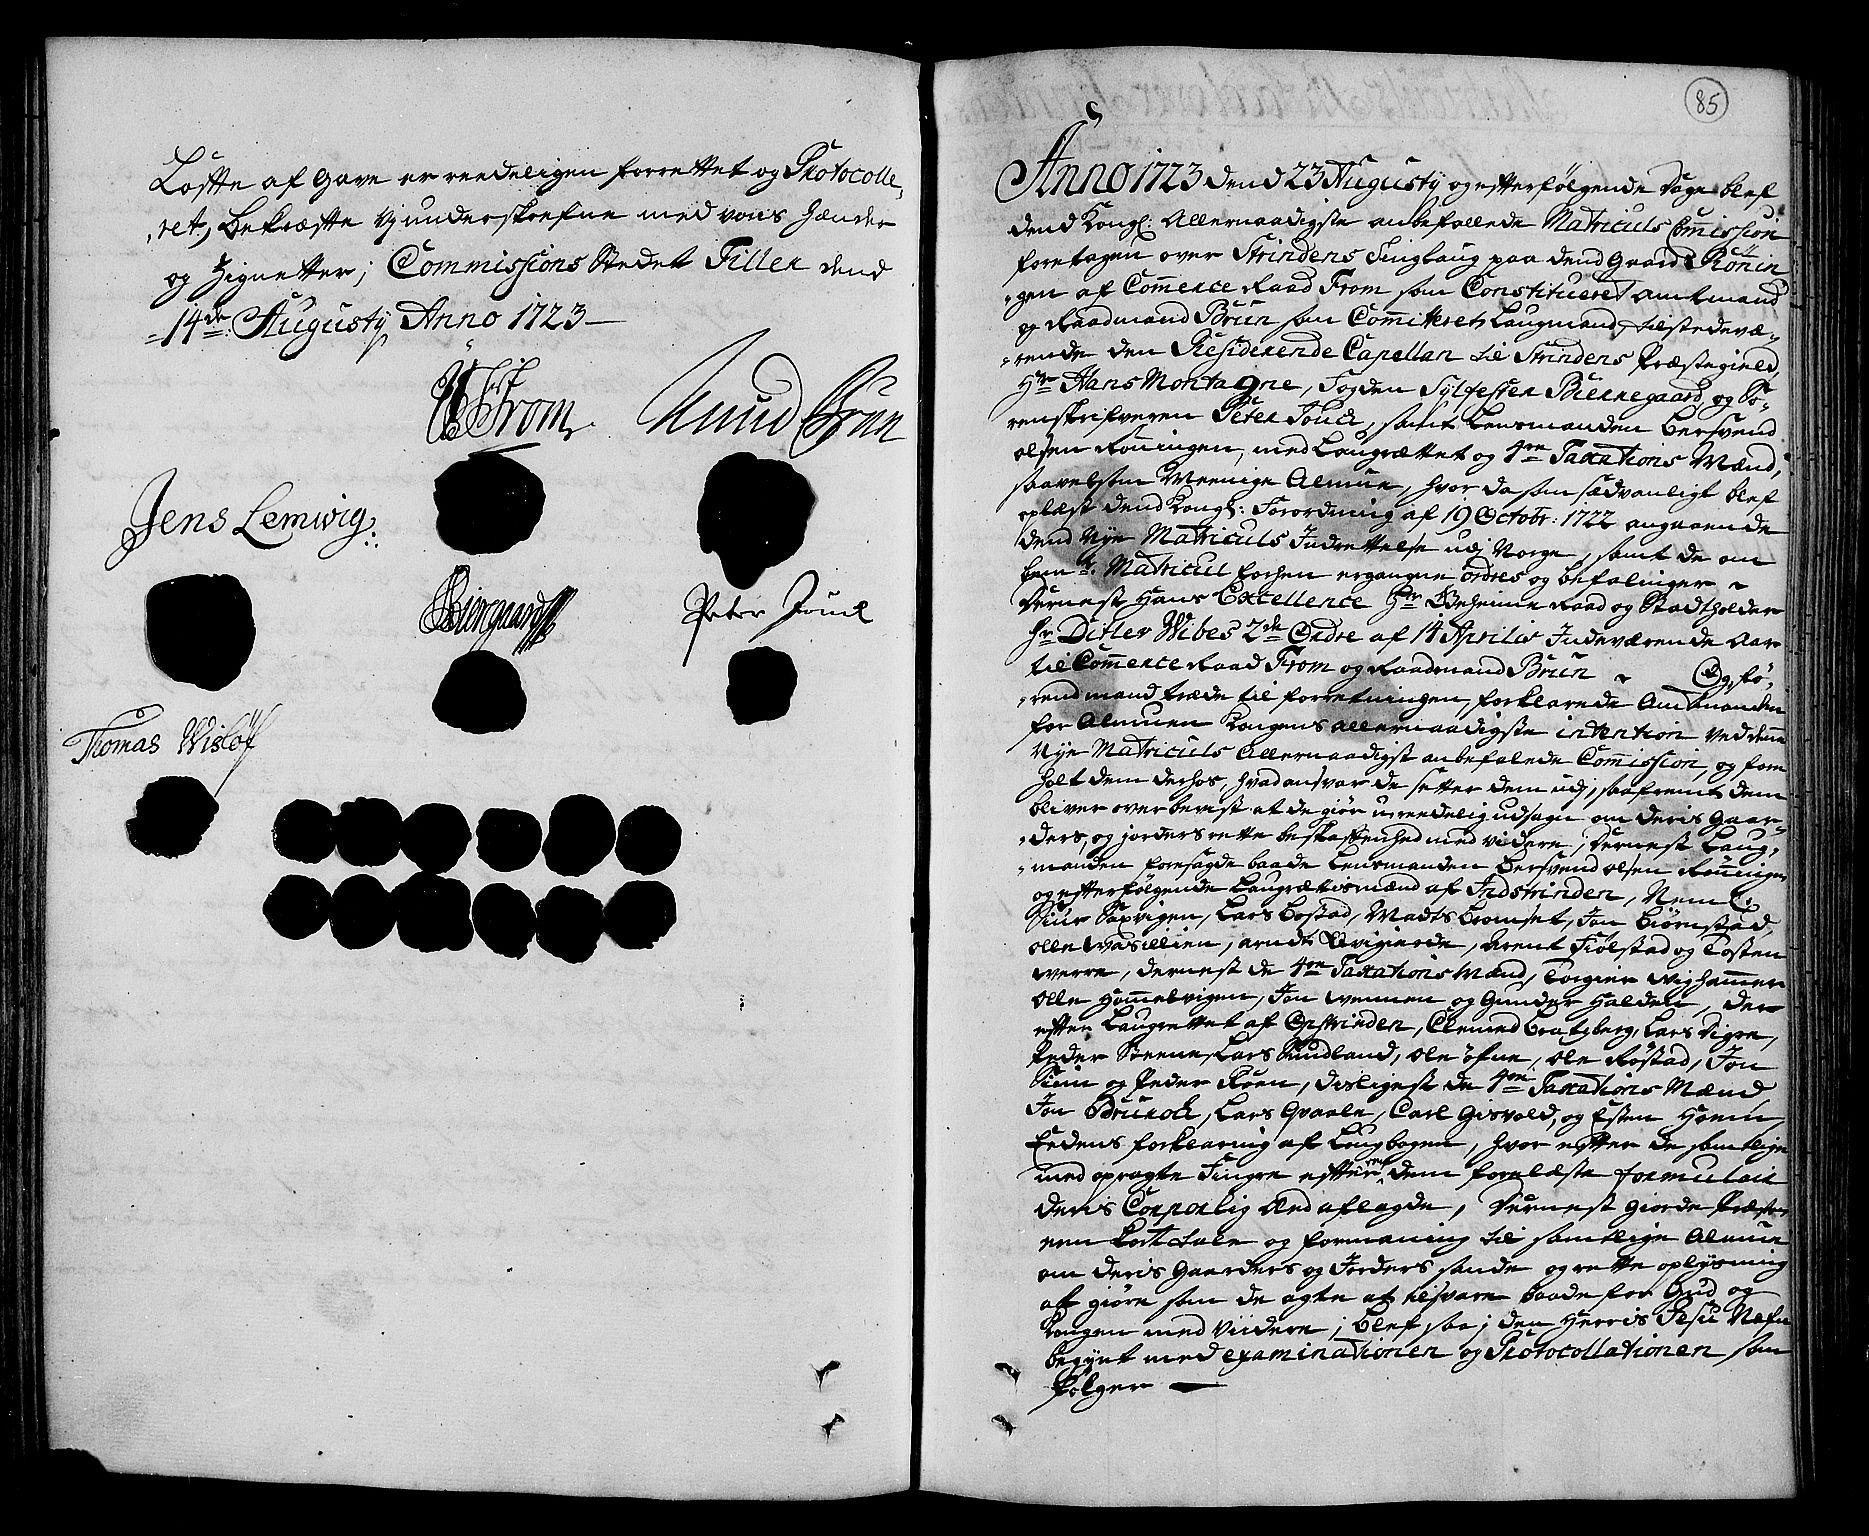 RA, Rentekammeret inntil 1814, Realistisk ordnet avdeling, N/Nb/Nbf/L0160: Strinda og Selbu eksaminasjonsprotokoll, 1723, s. 84b-85a